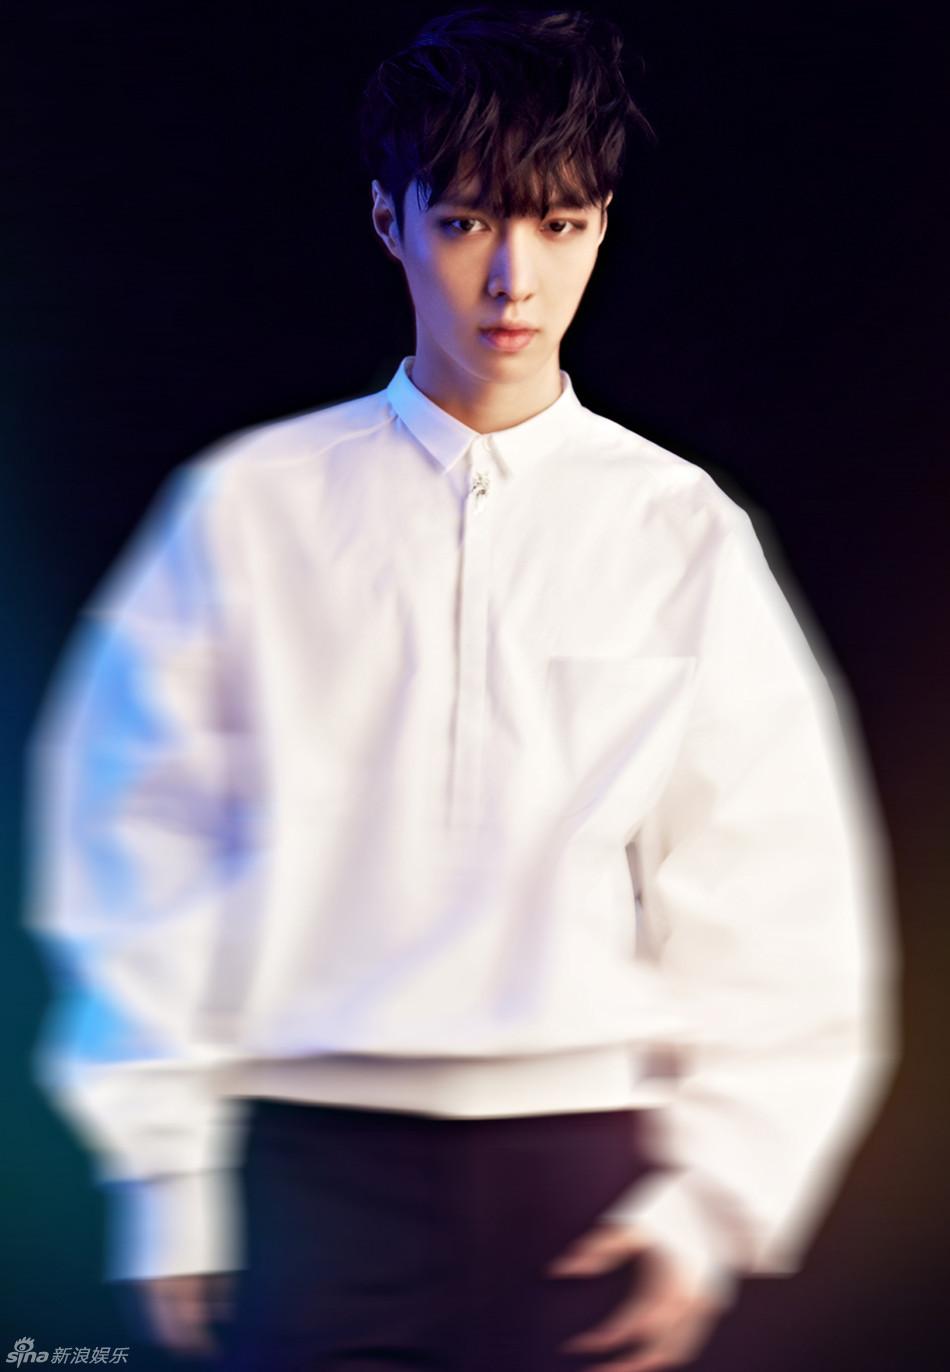 韩团EXO新专辑梦幻照全公开 15日 回归秀 图图片